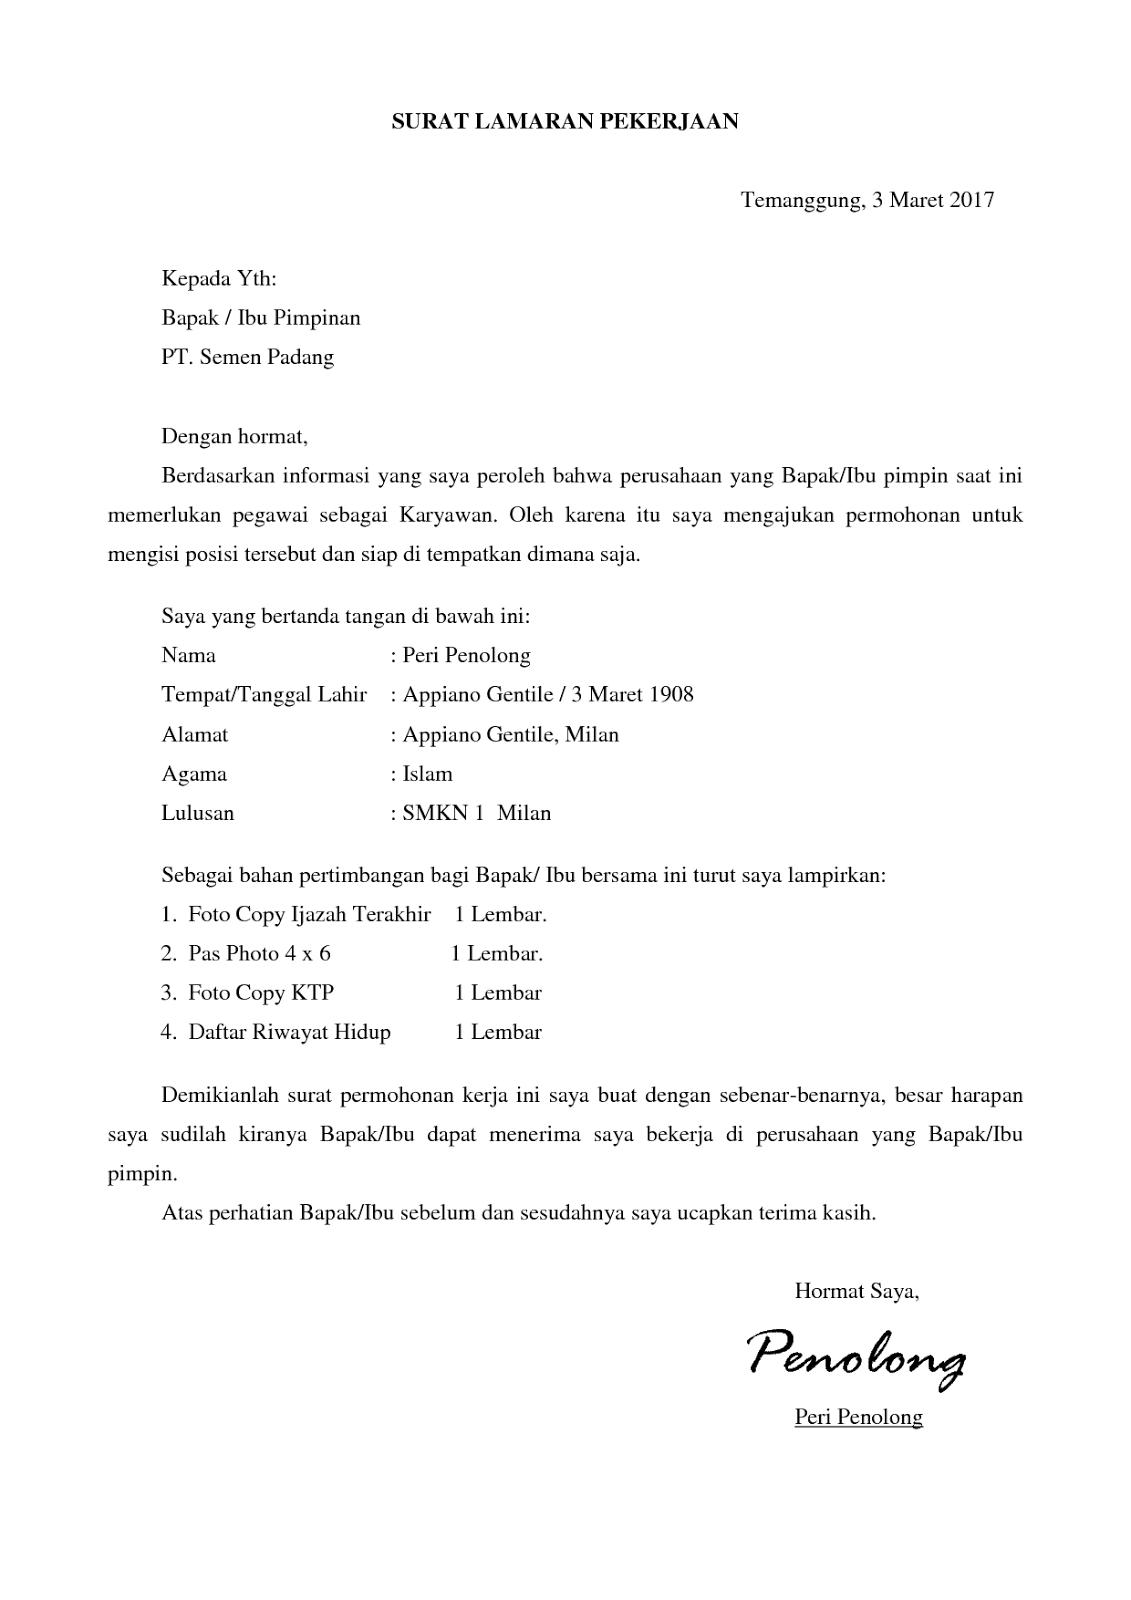 Contoh Surat Lamaran Kerja ke Pabrik